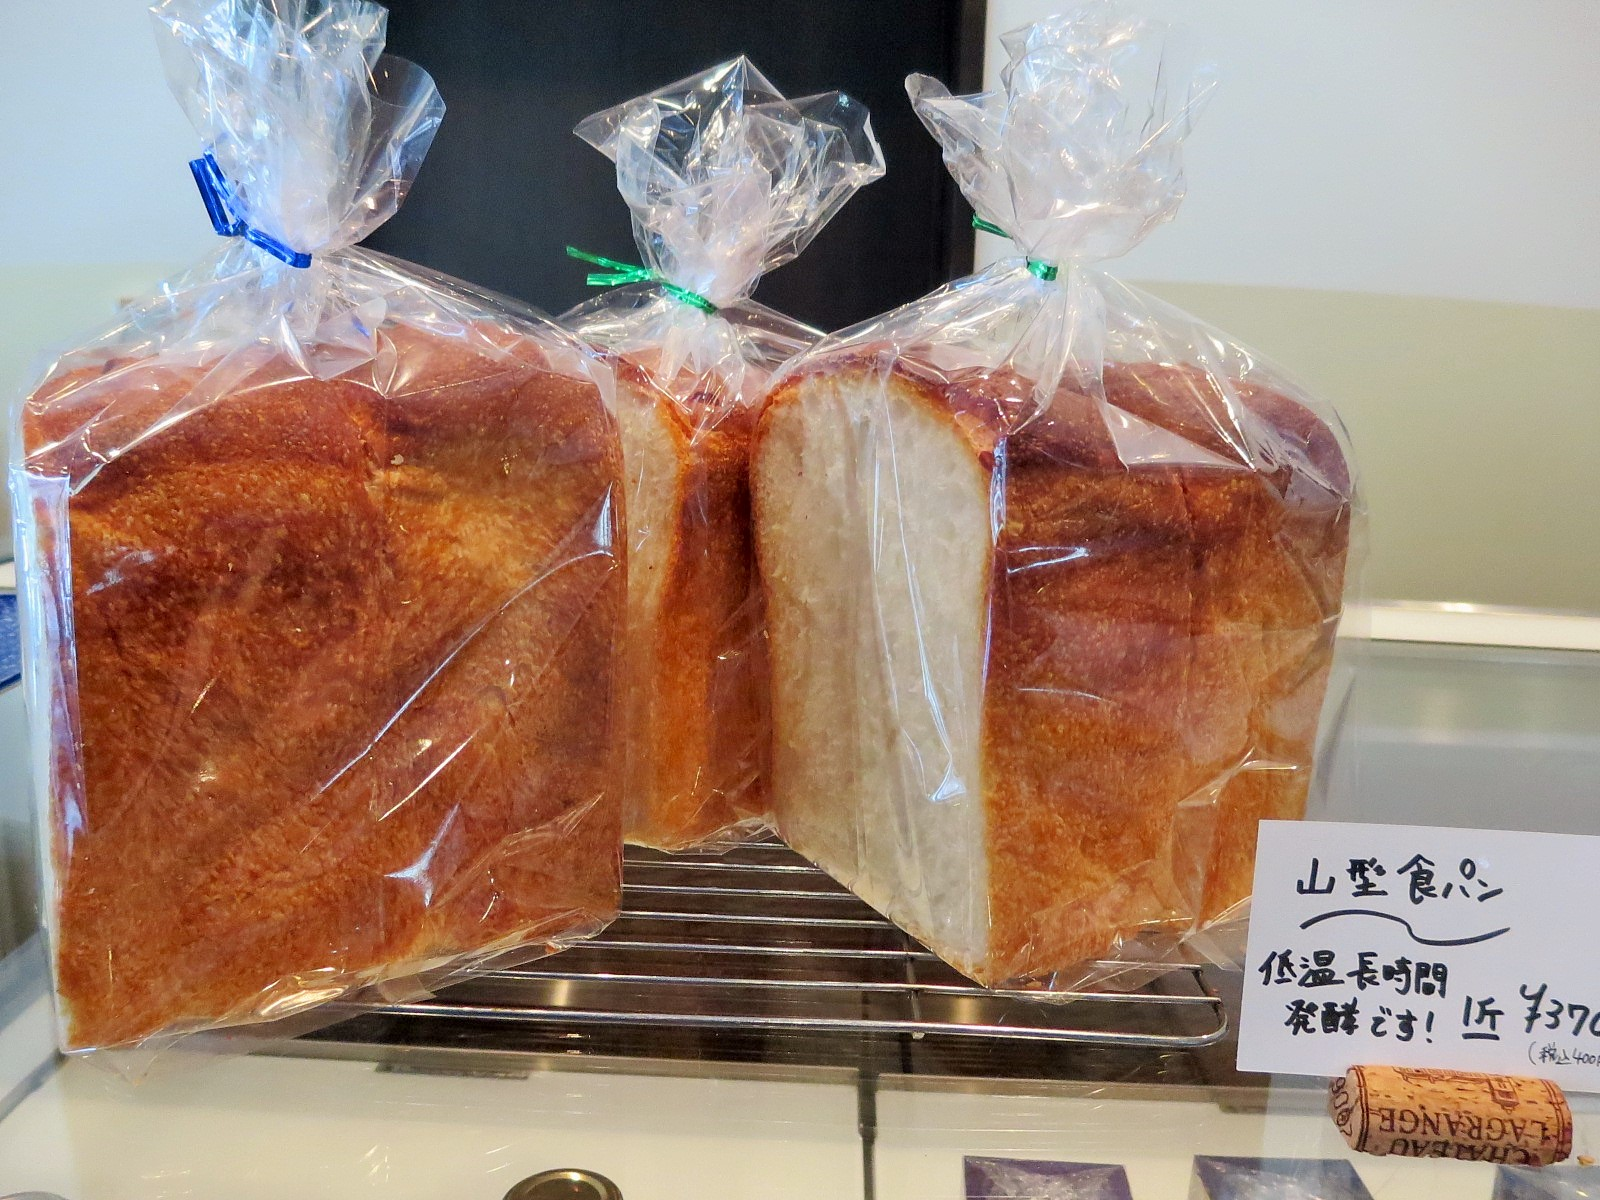 ル・シャモイーヴルのパン屋さん♪ <閉店>_f0236260_238352.jpg